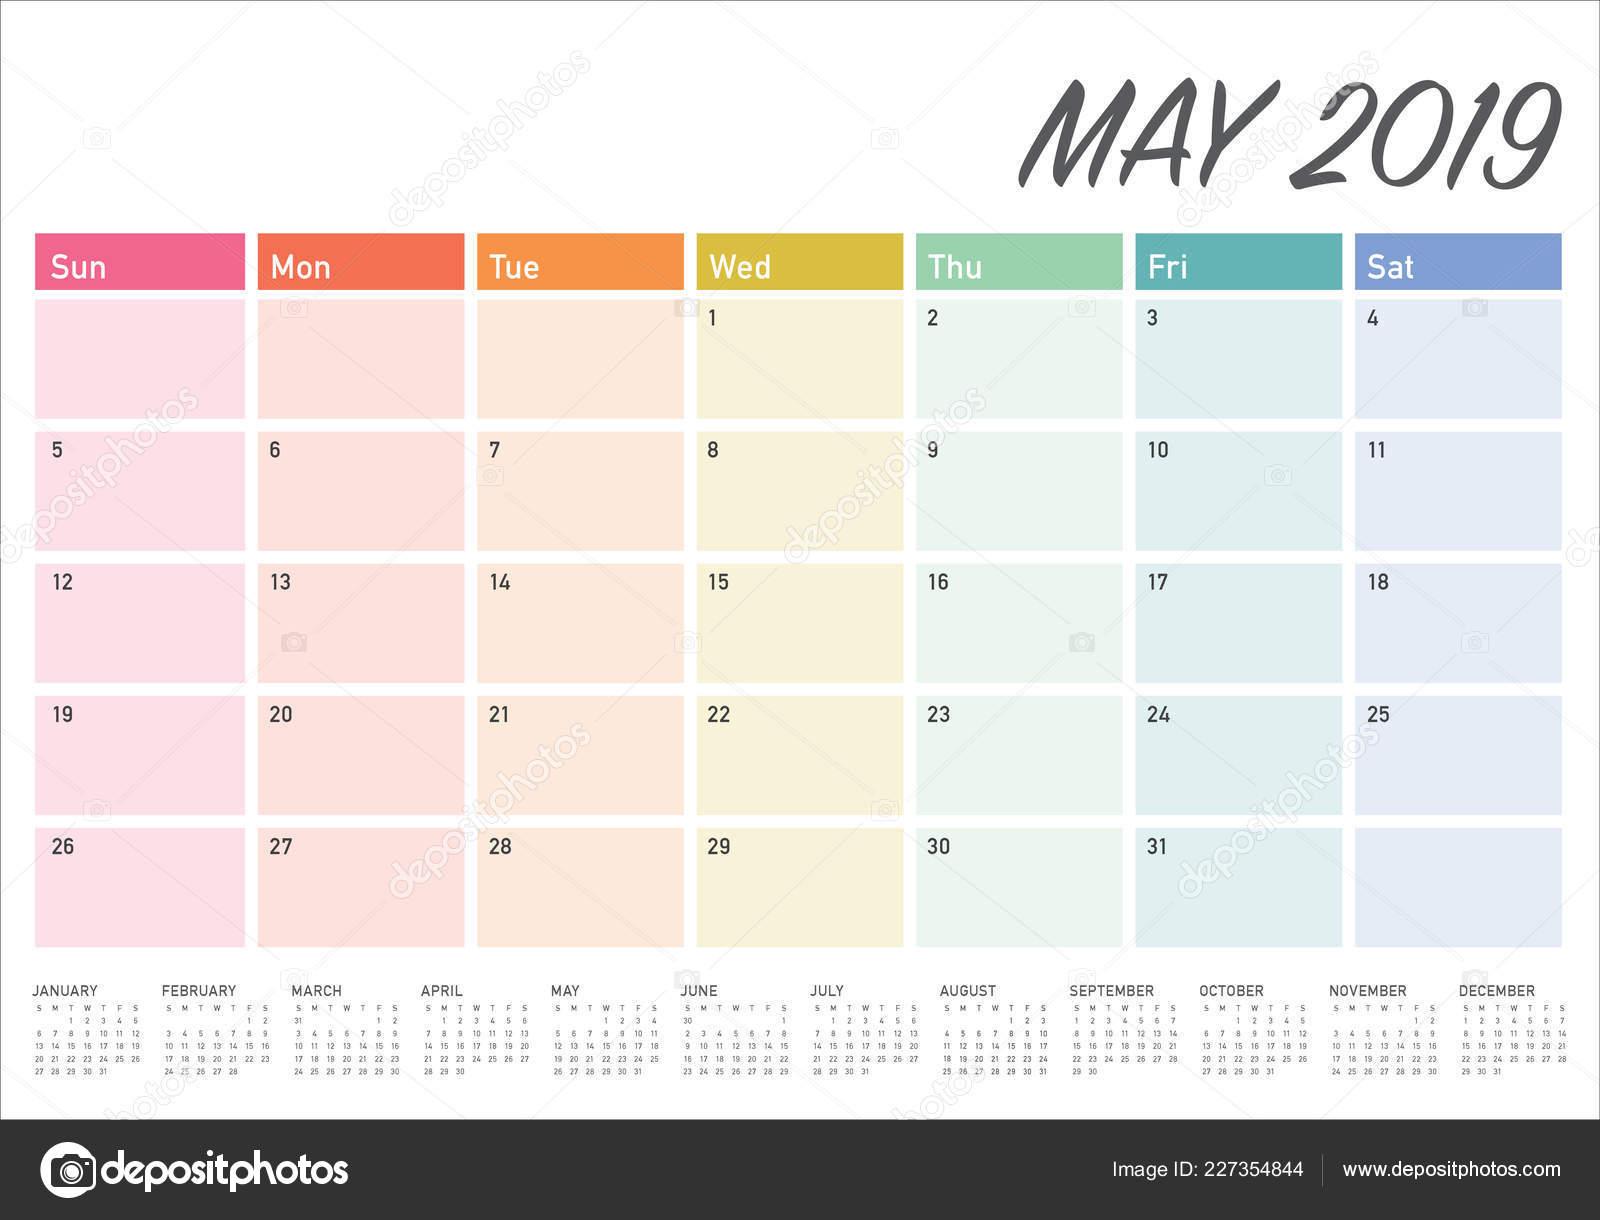 Calendario Mayo2019.Ilustracion Vector Calendario Mayo 2019 Escritorio Diseno Simple